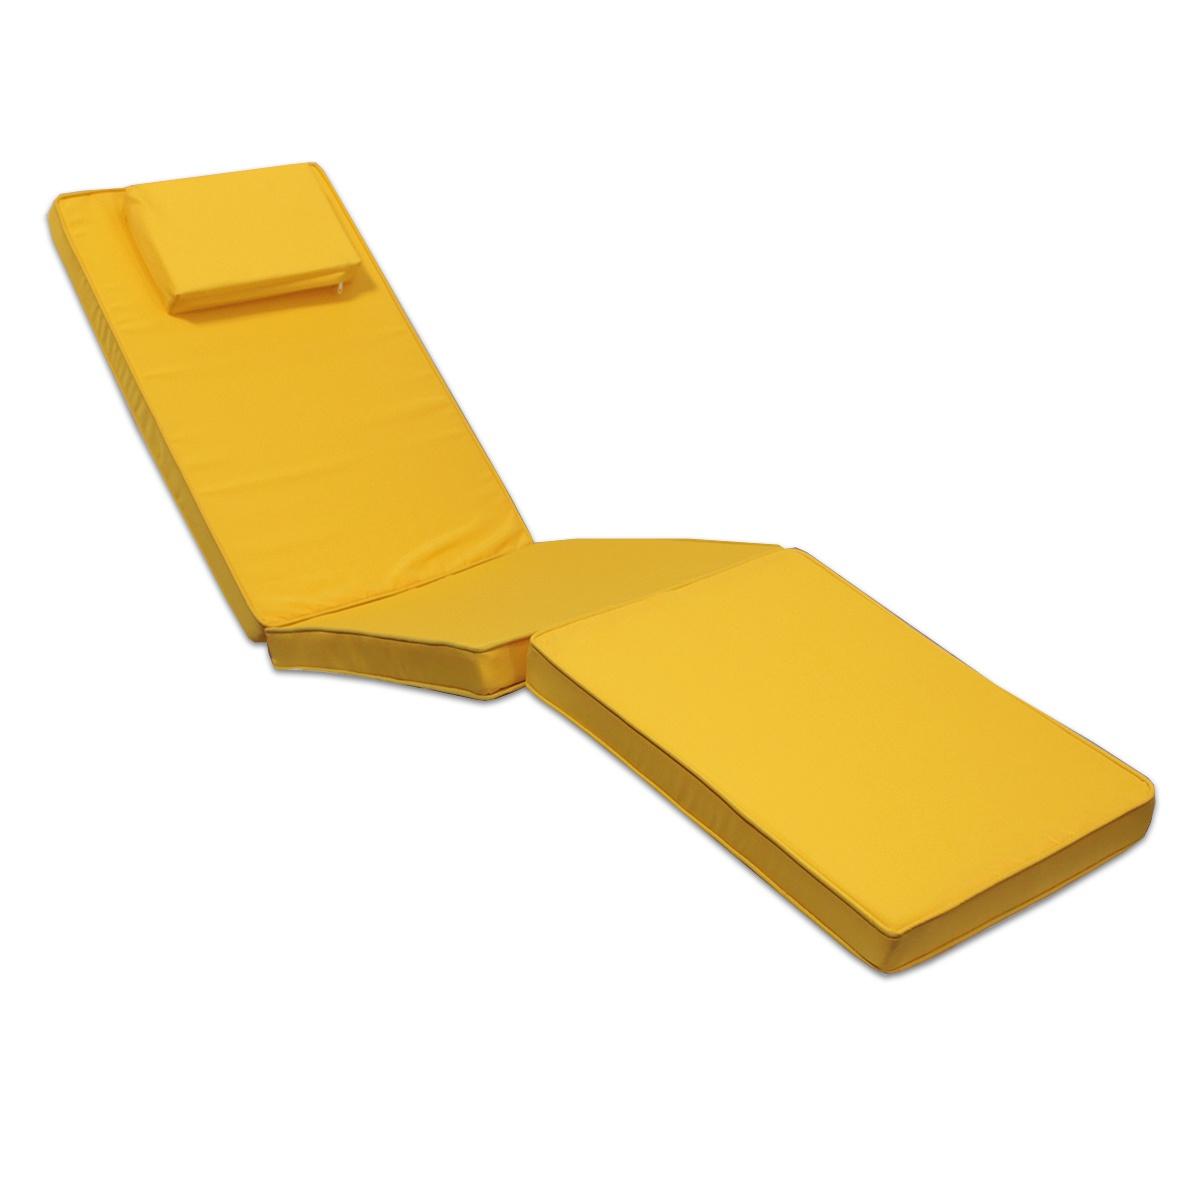 Matelas moutarde pour chaise longue